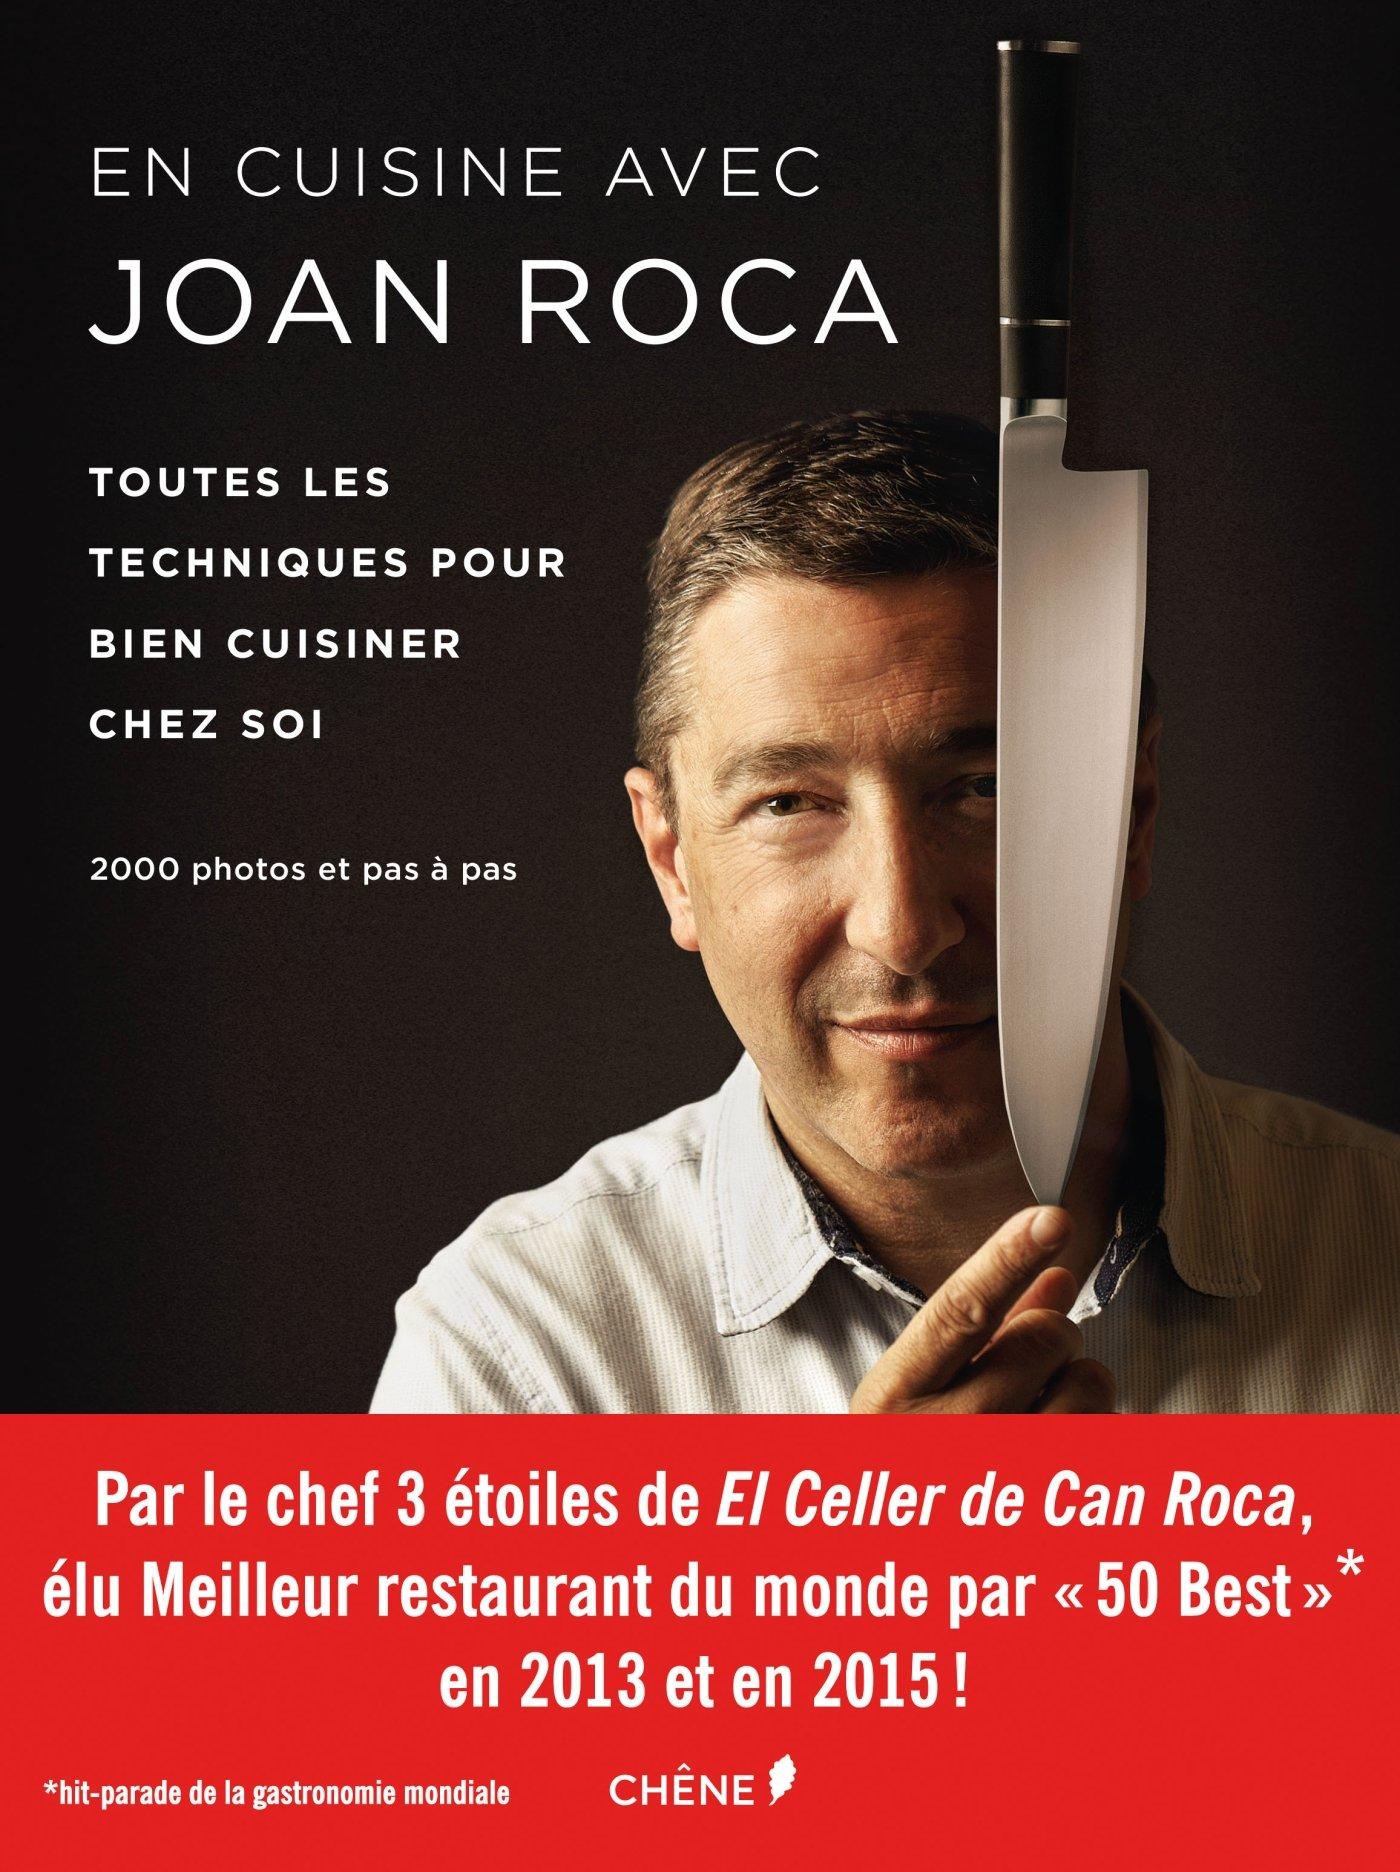 Cuisinez comme un chef avec joan roca livre espagne facile - France 2 cuisinez comme un chef ...